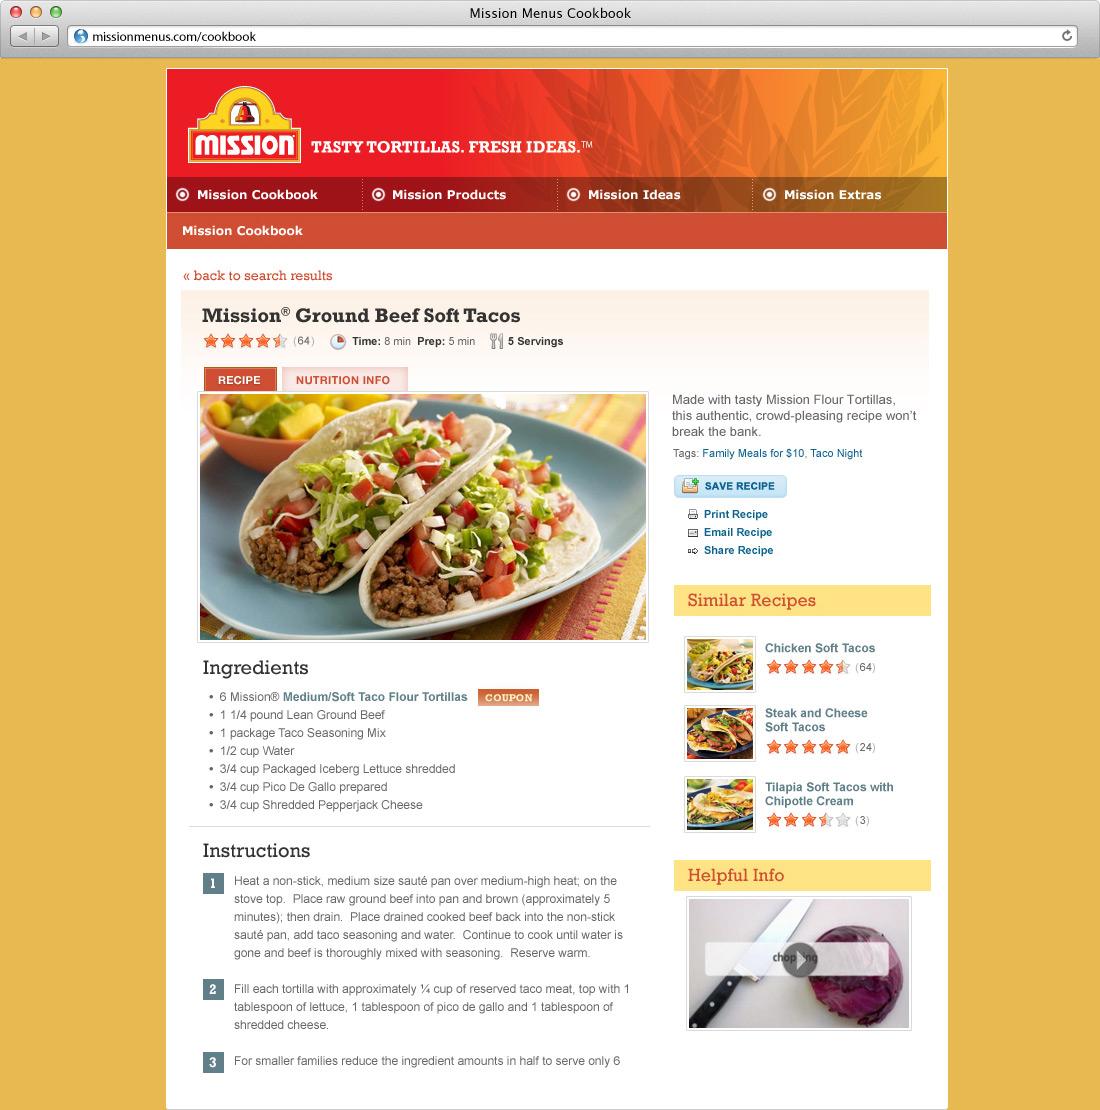 Mission Menus Cookbook